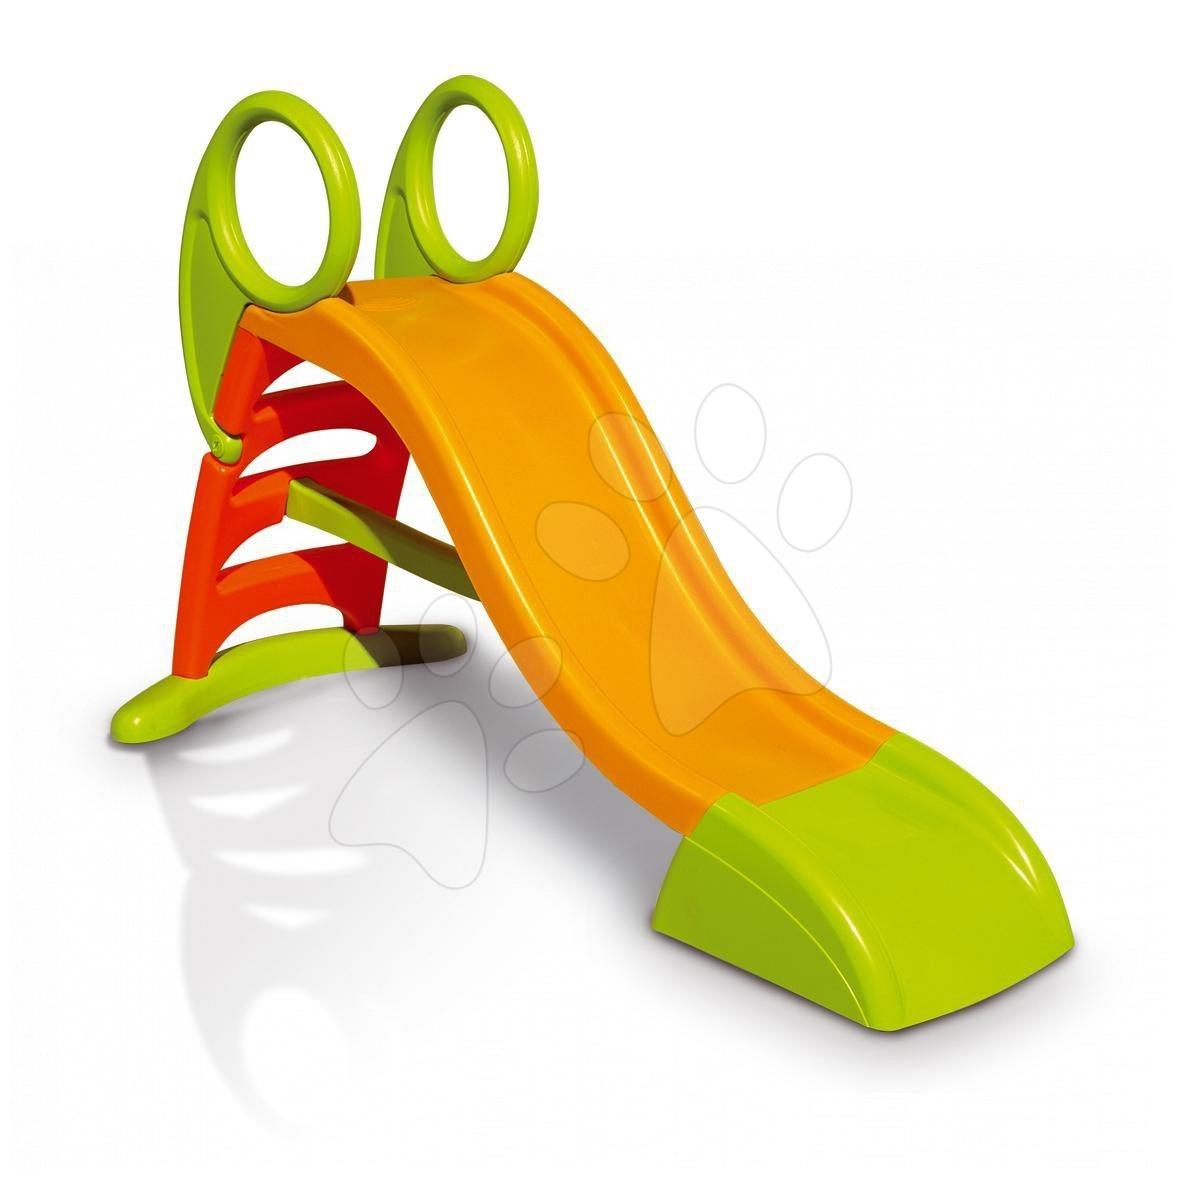 Skluzavky pro děti - Skluzavka plastová střední  tobogan s vodou 158x70x102 cm